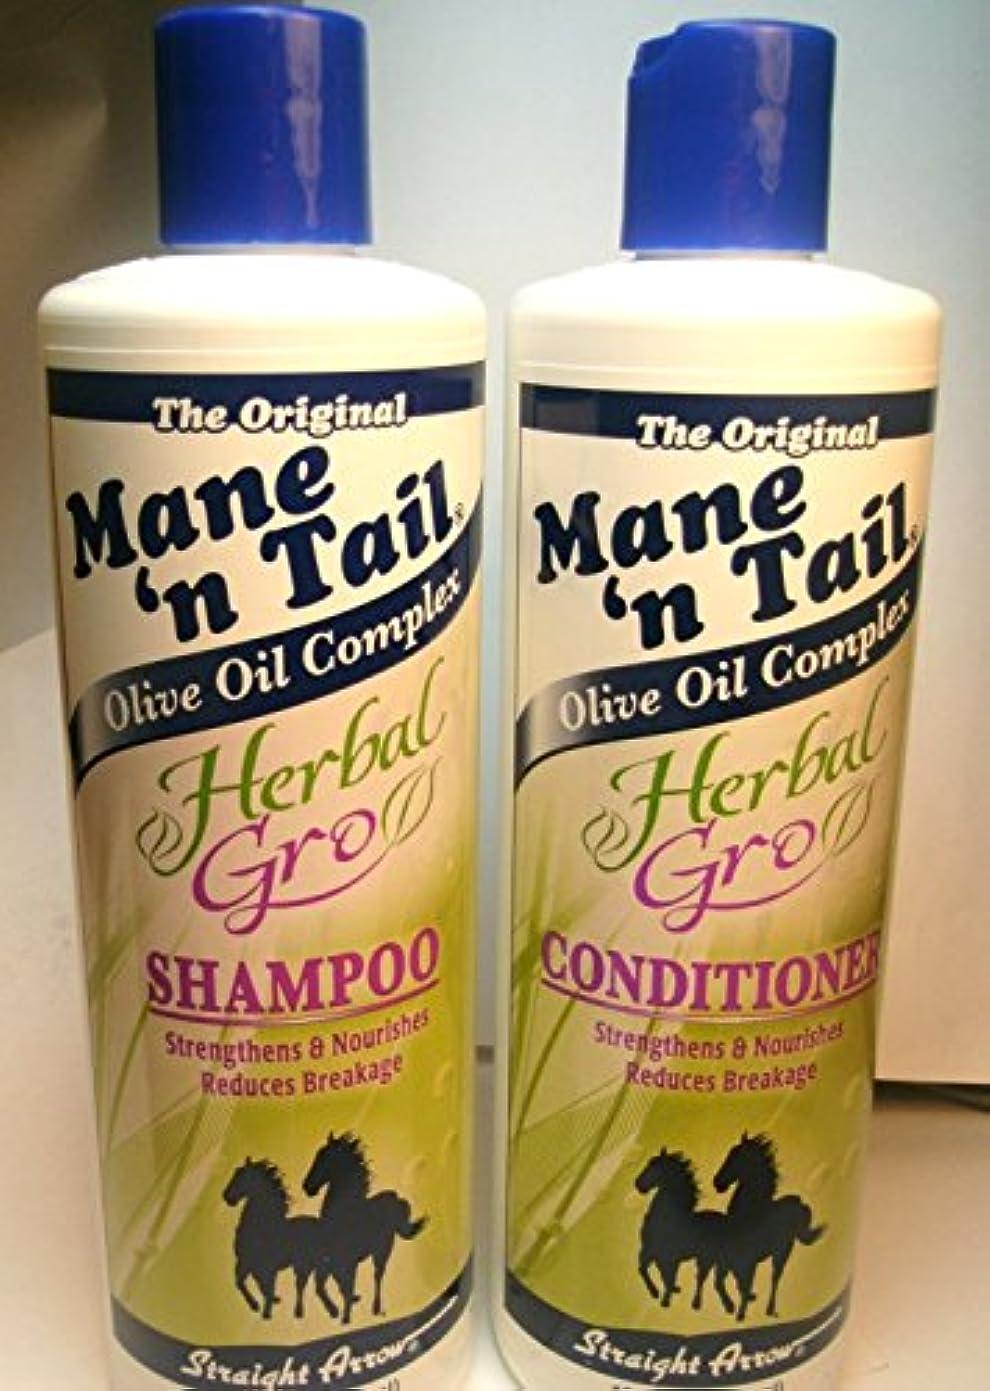 事業精通したアデレードMane 'n Tail Herbal Gro Shampoo & Conditioner Olive Oil Complex 12  oz  オリーブ油配合シャンプー&コンディショナー 並行輸入品